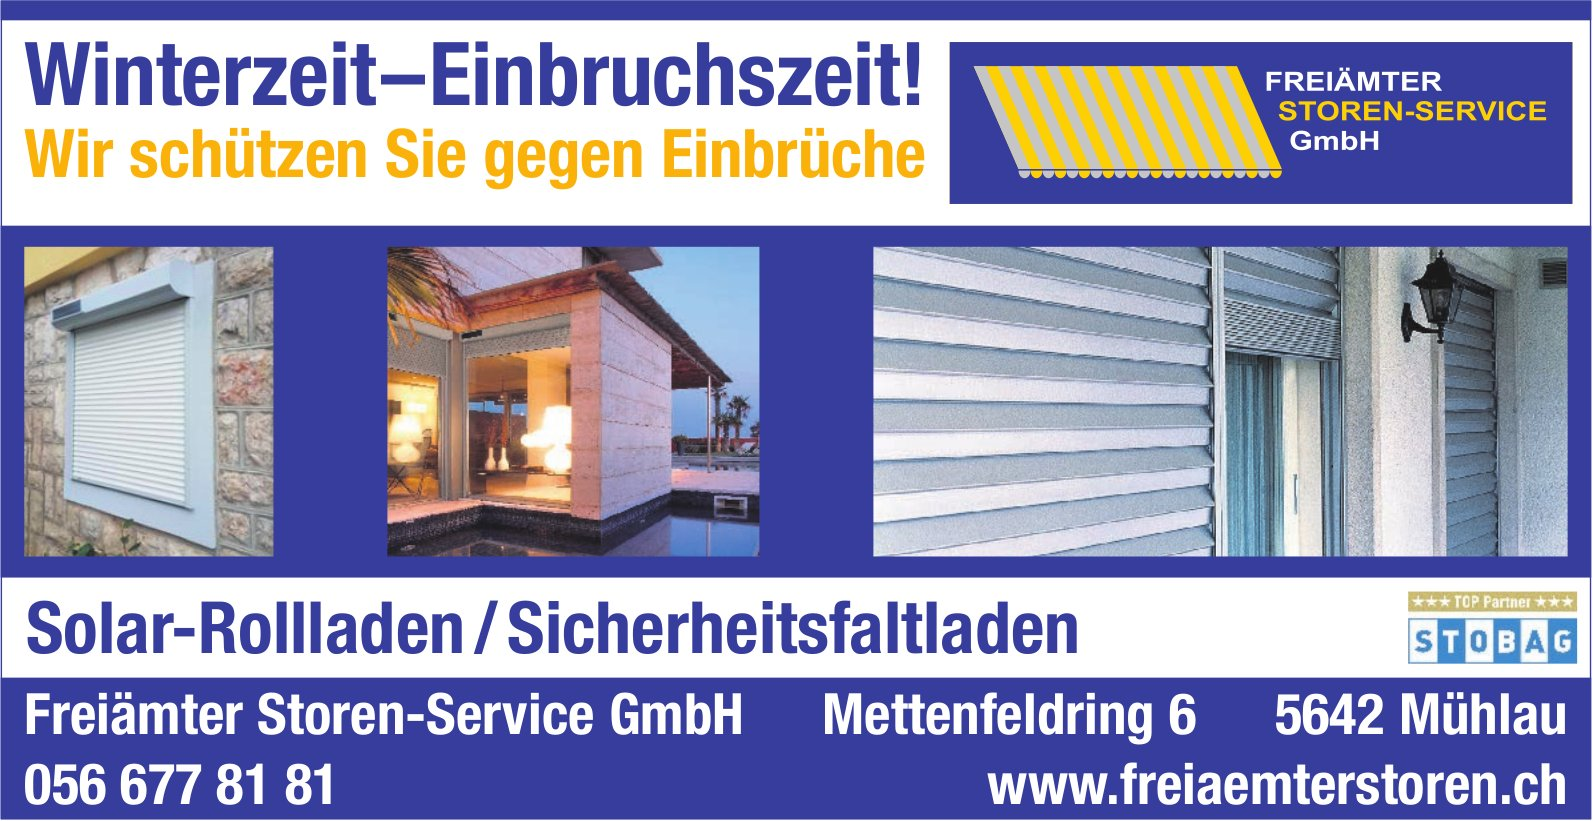 Freiämter Storm-Service GmbH - Winterzeit – Einbruchszeit! Wir schützen Sie gegen Einbrüche